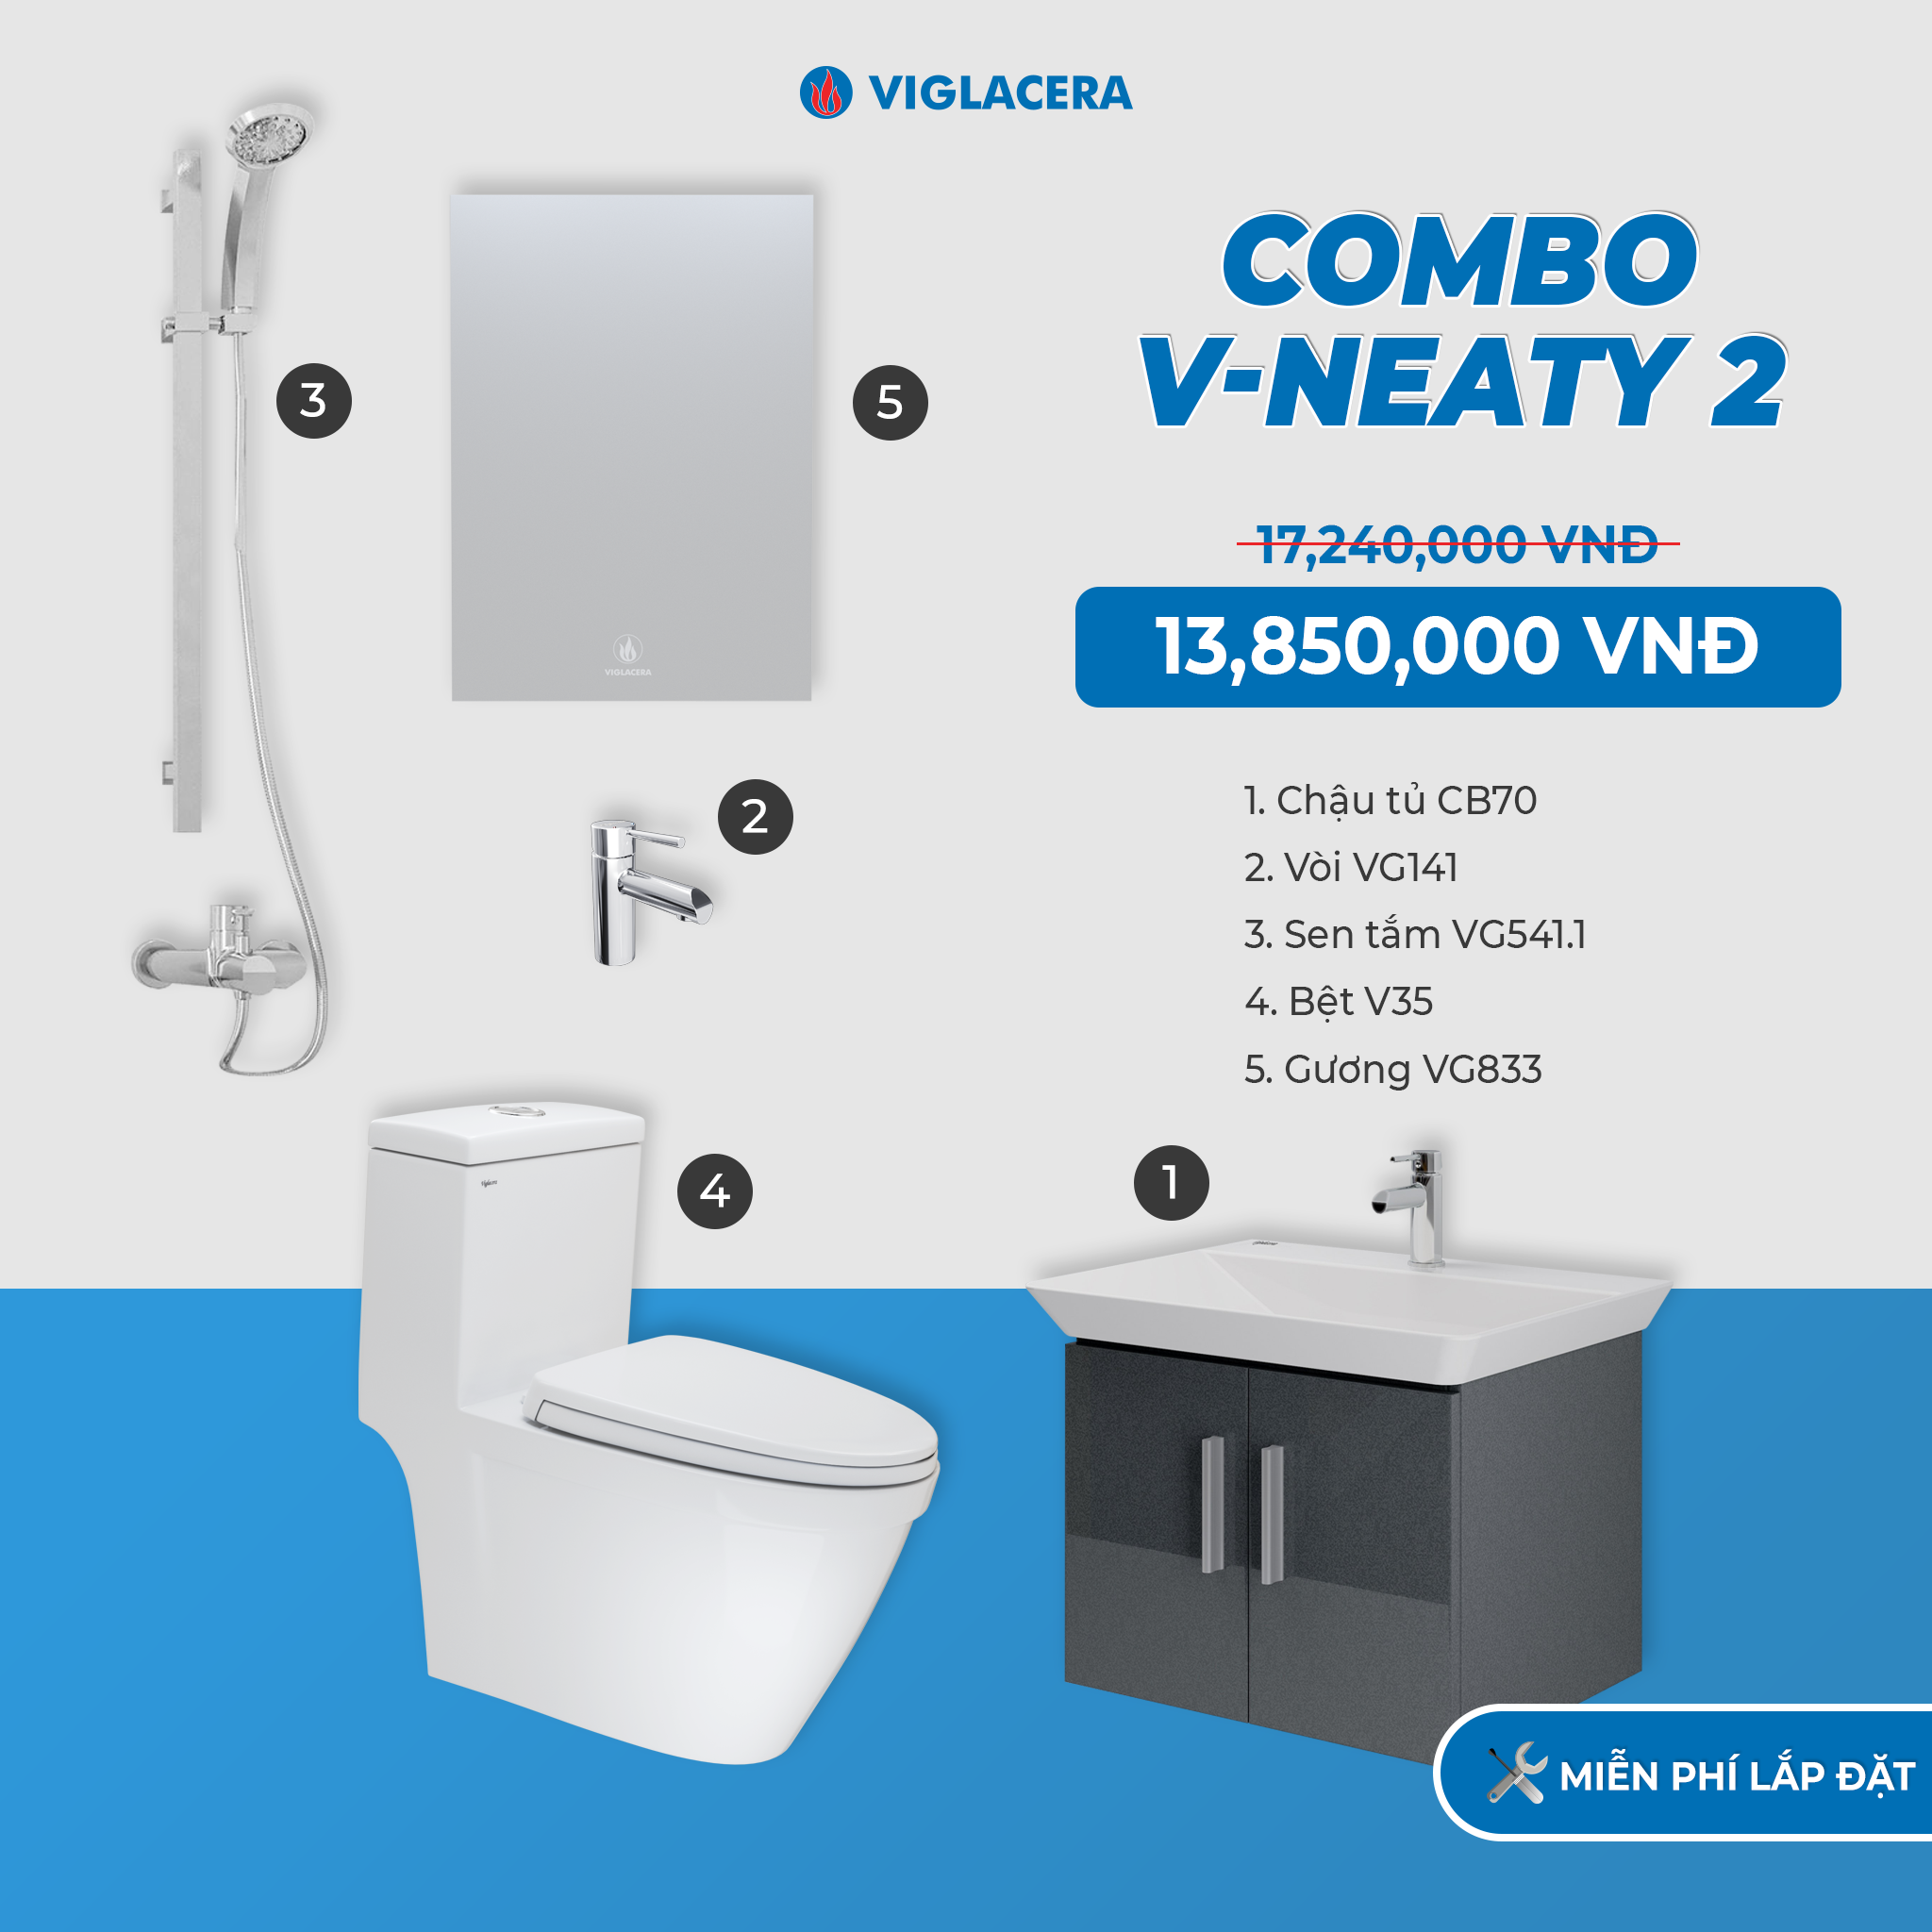 Combo V-NEATY 2